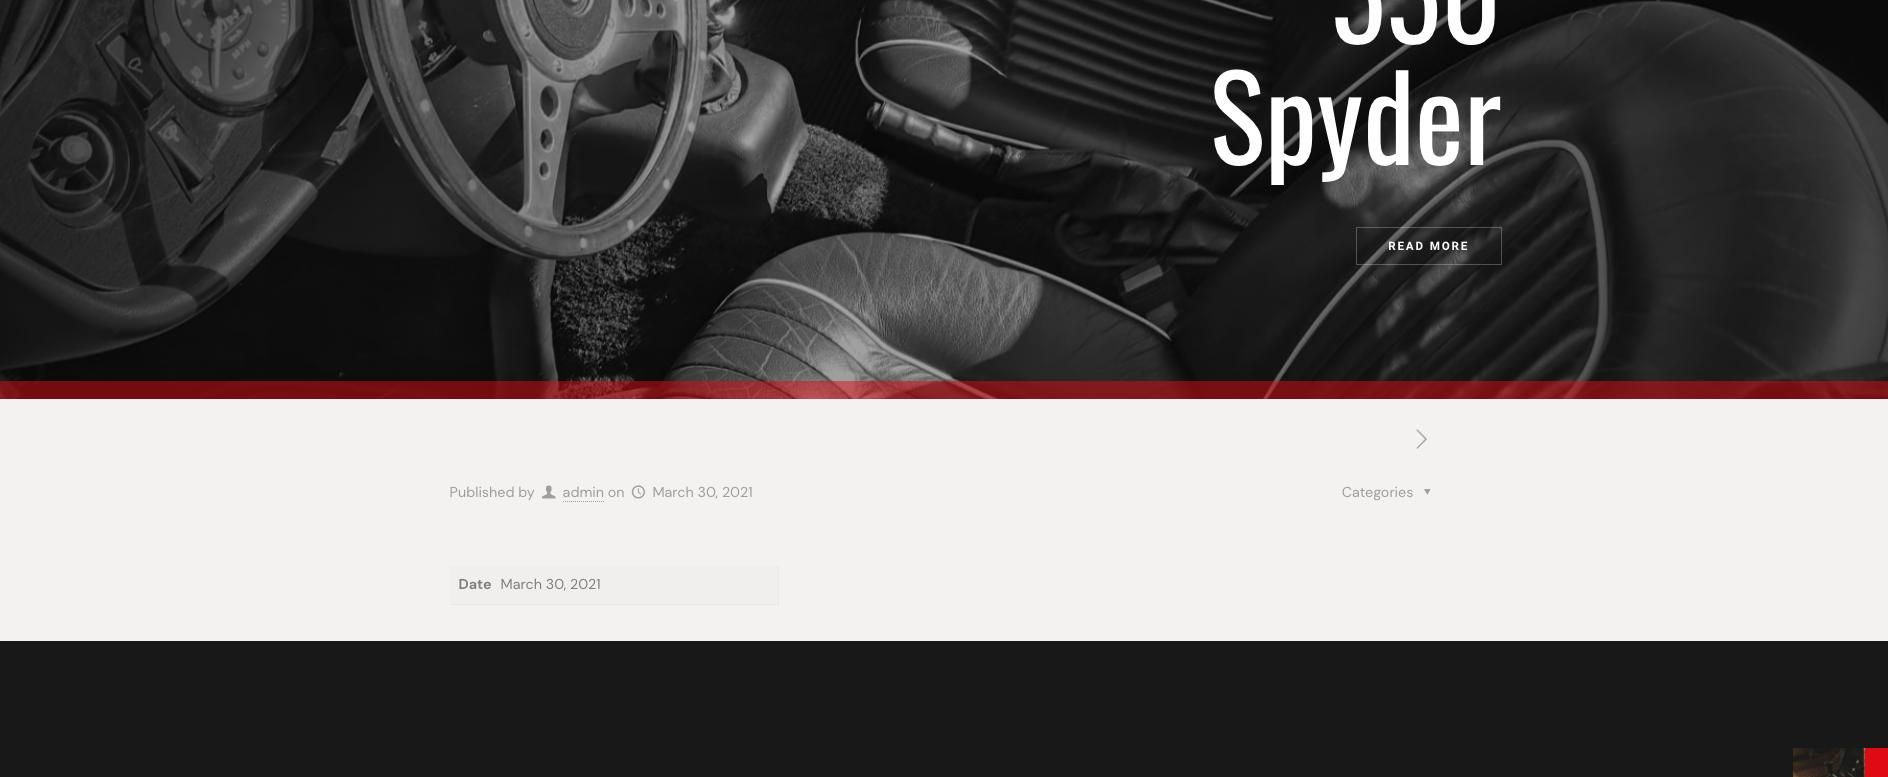 Screenshot 2021-03-30 at 15.37.20.png